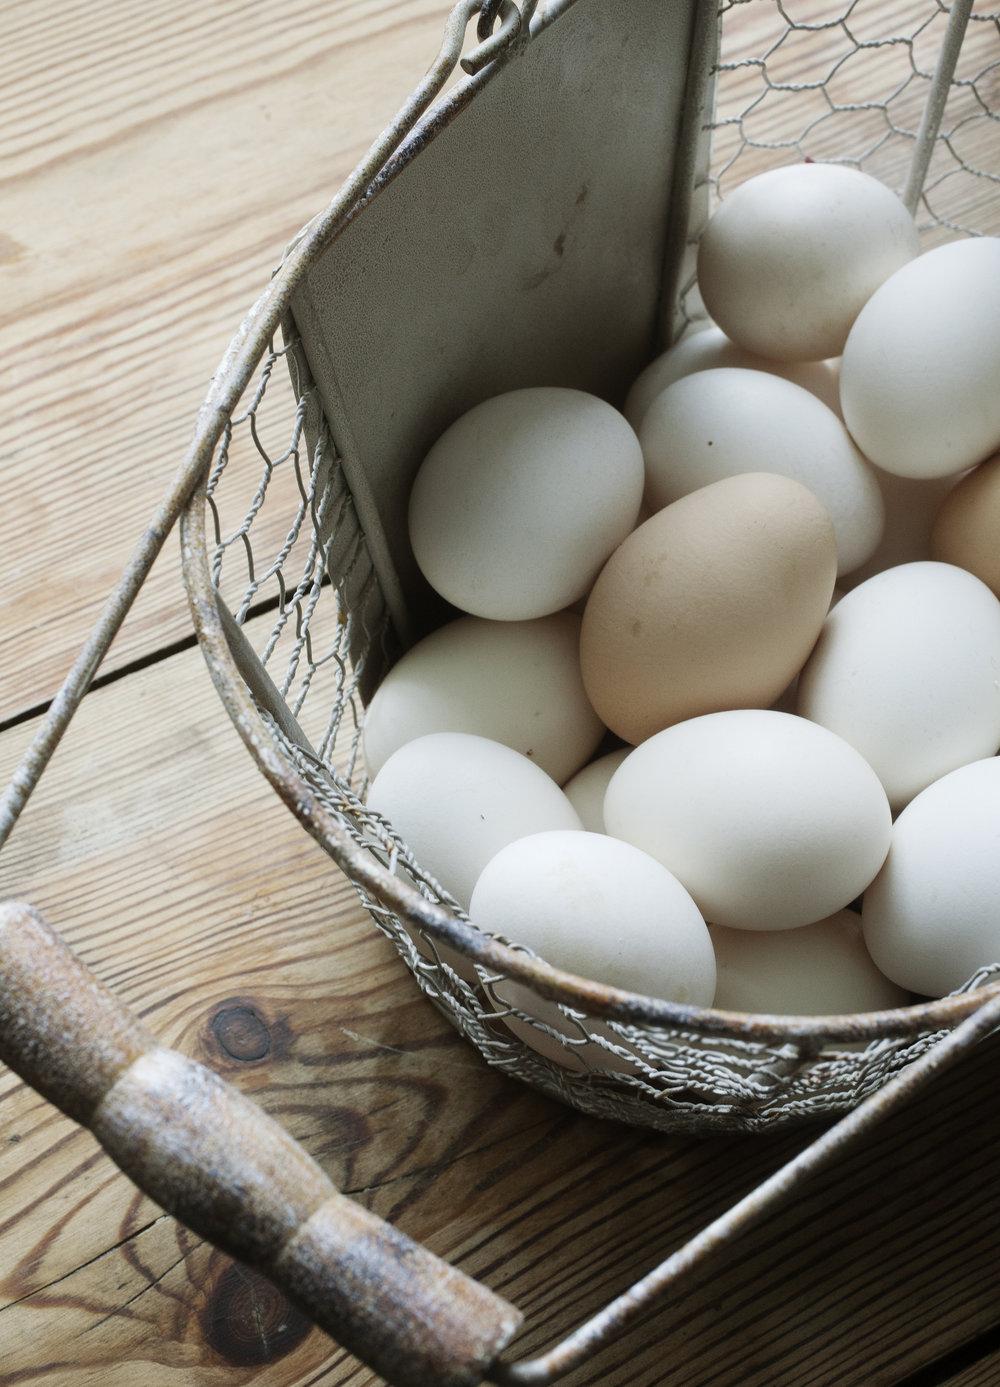 KK småbruk13 egg.jpg